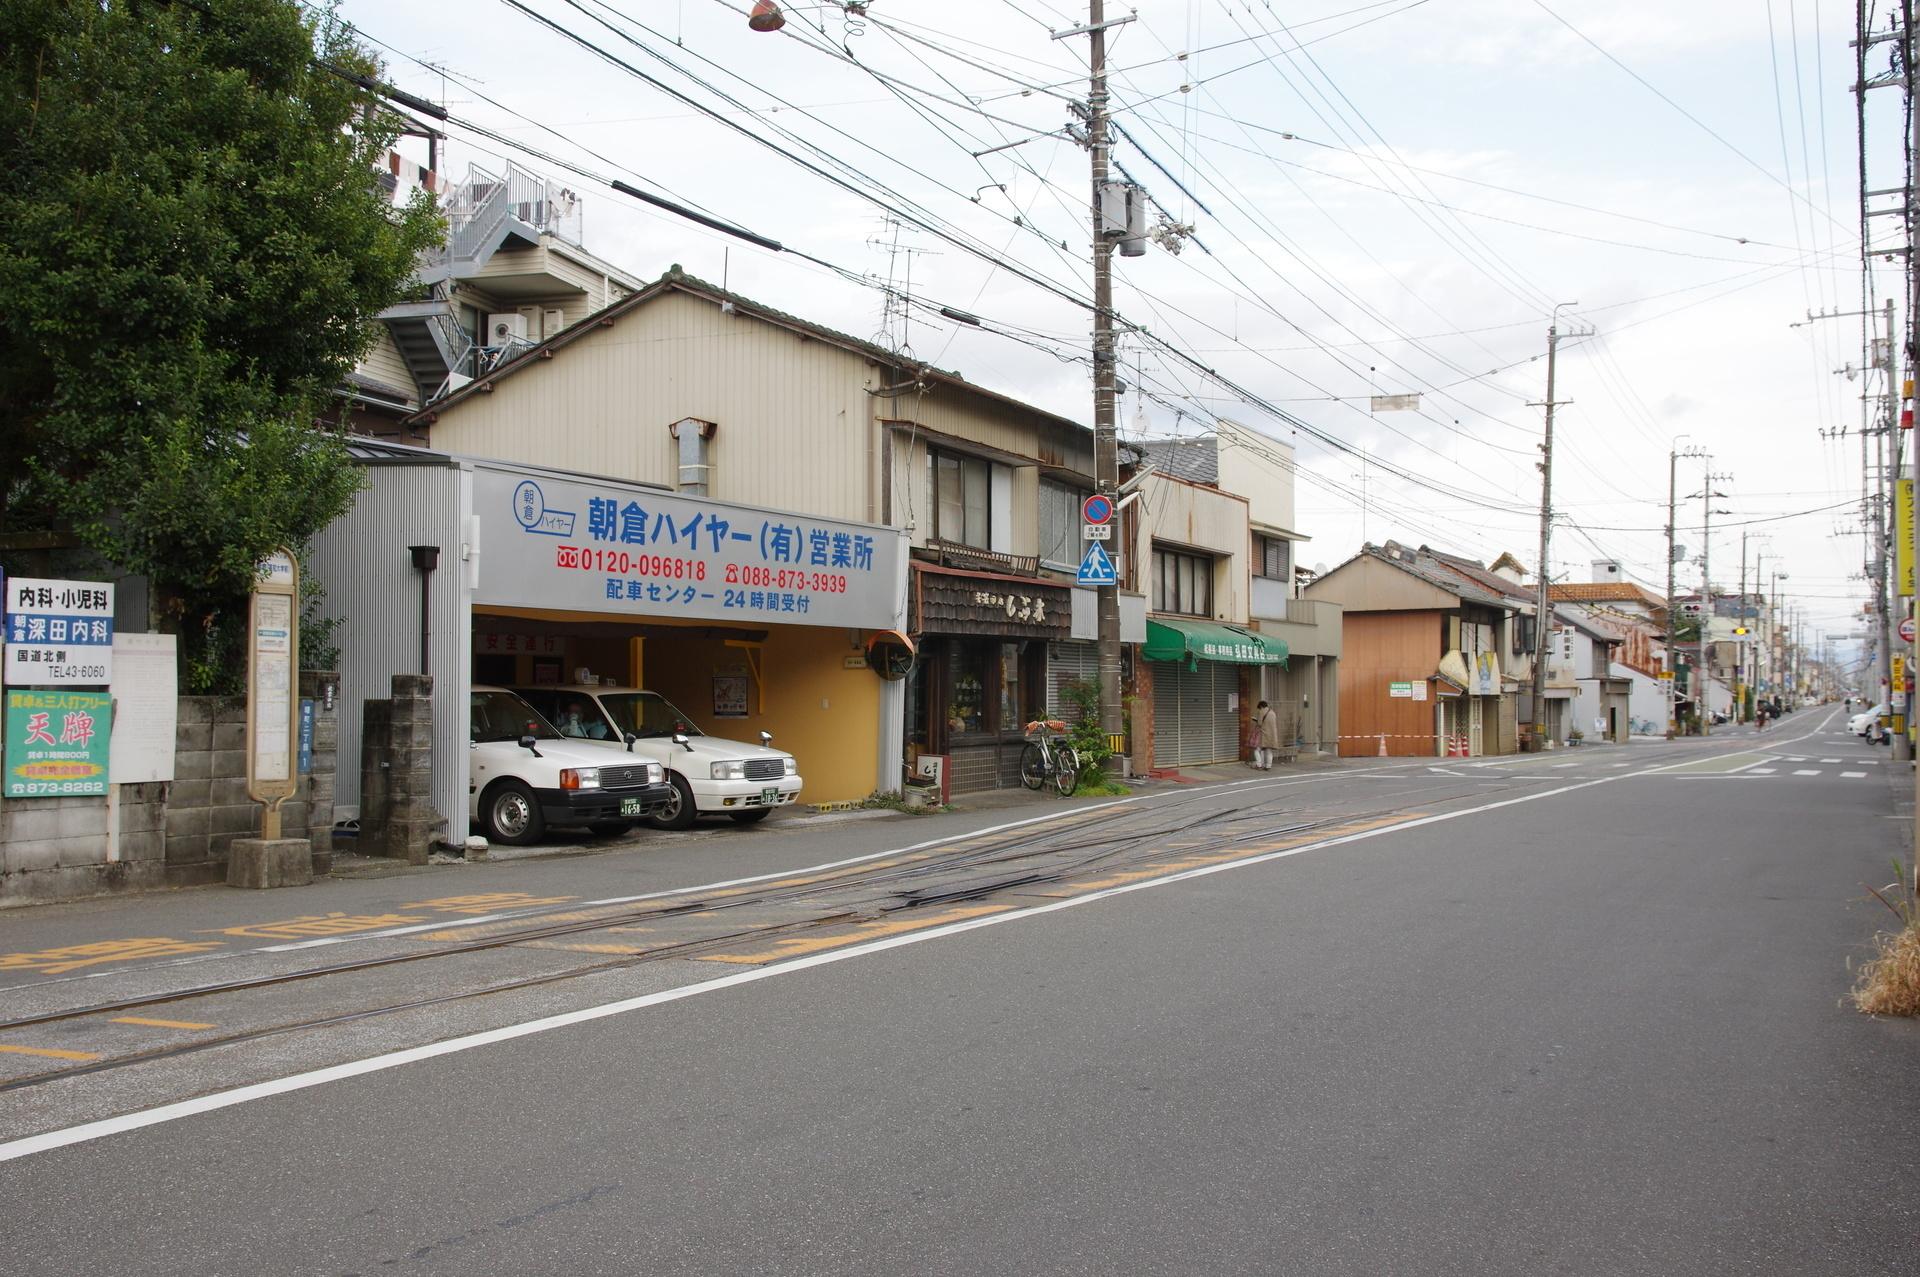 朝倉駅とタクシー車庫とバス停